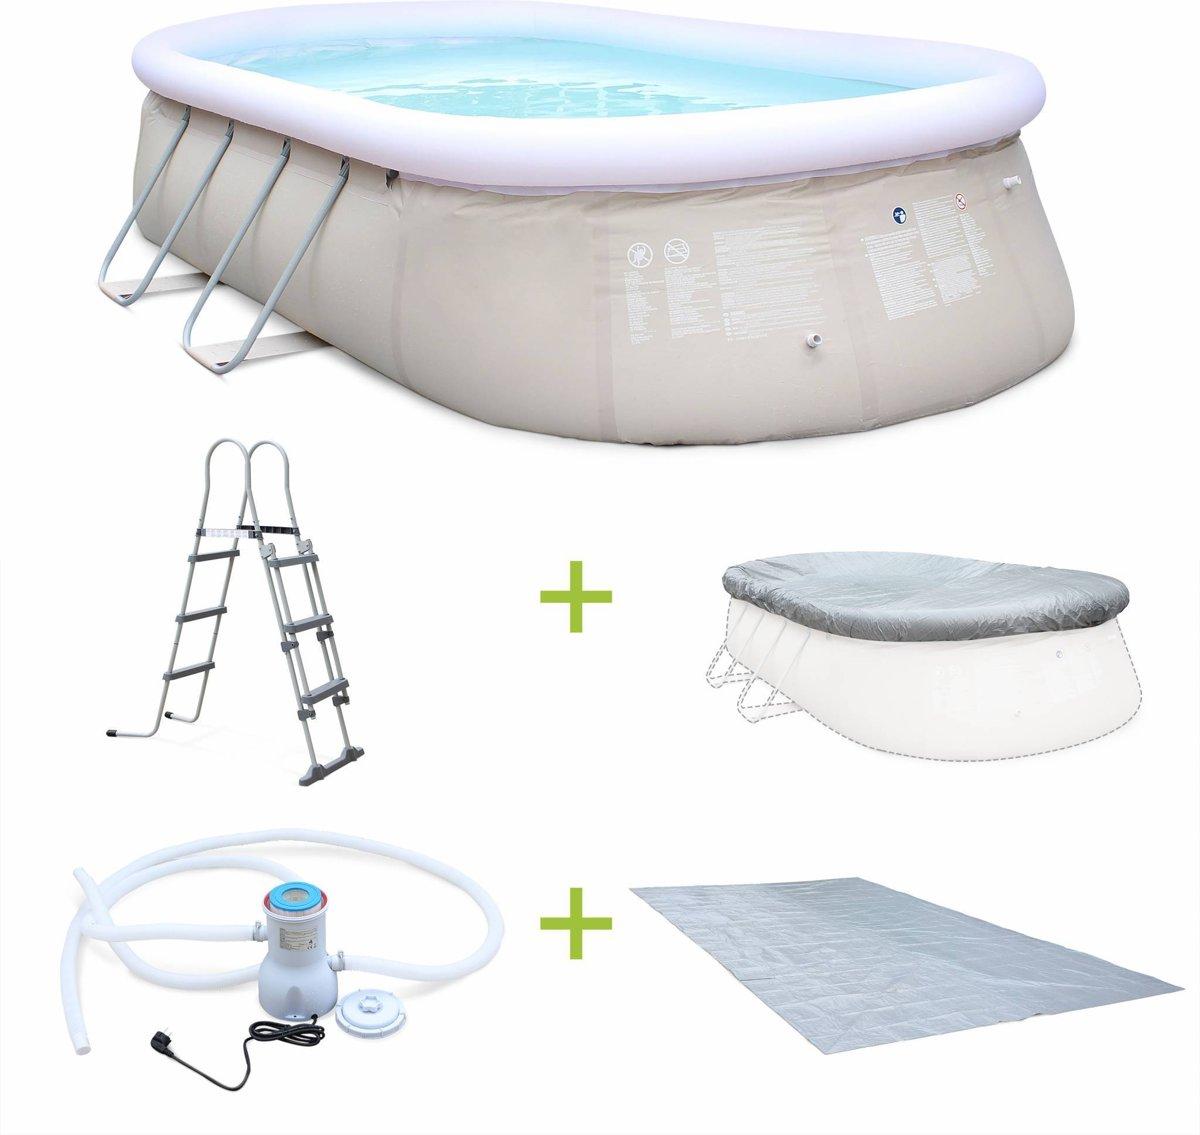 Kit groot ovaal zwembad van 16m2 ,grijs, 5,4x3m met filterpomp, dekzei